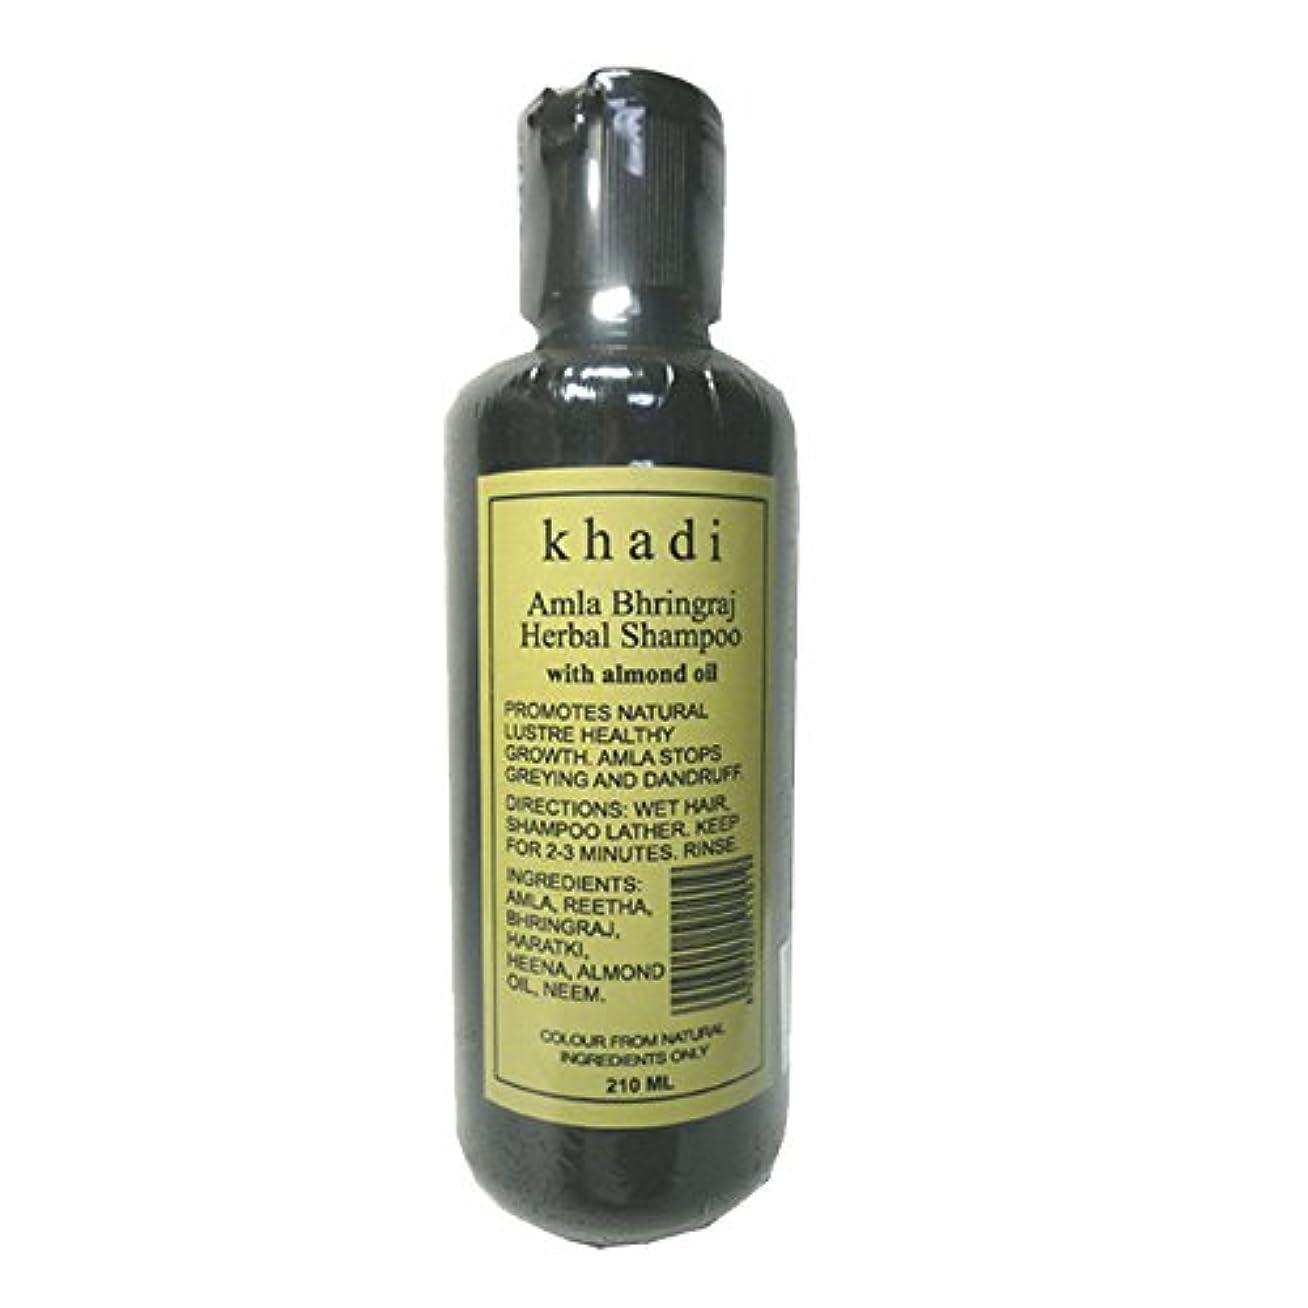 ガレージ反論者役に立たない手作り  カーディ アムラ リーサ ハーバルシャンプー KHADI Amla Rertha  Herbal Shampoo(Amla Bhringraj Herbal Shampoo)